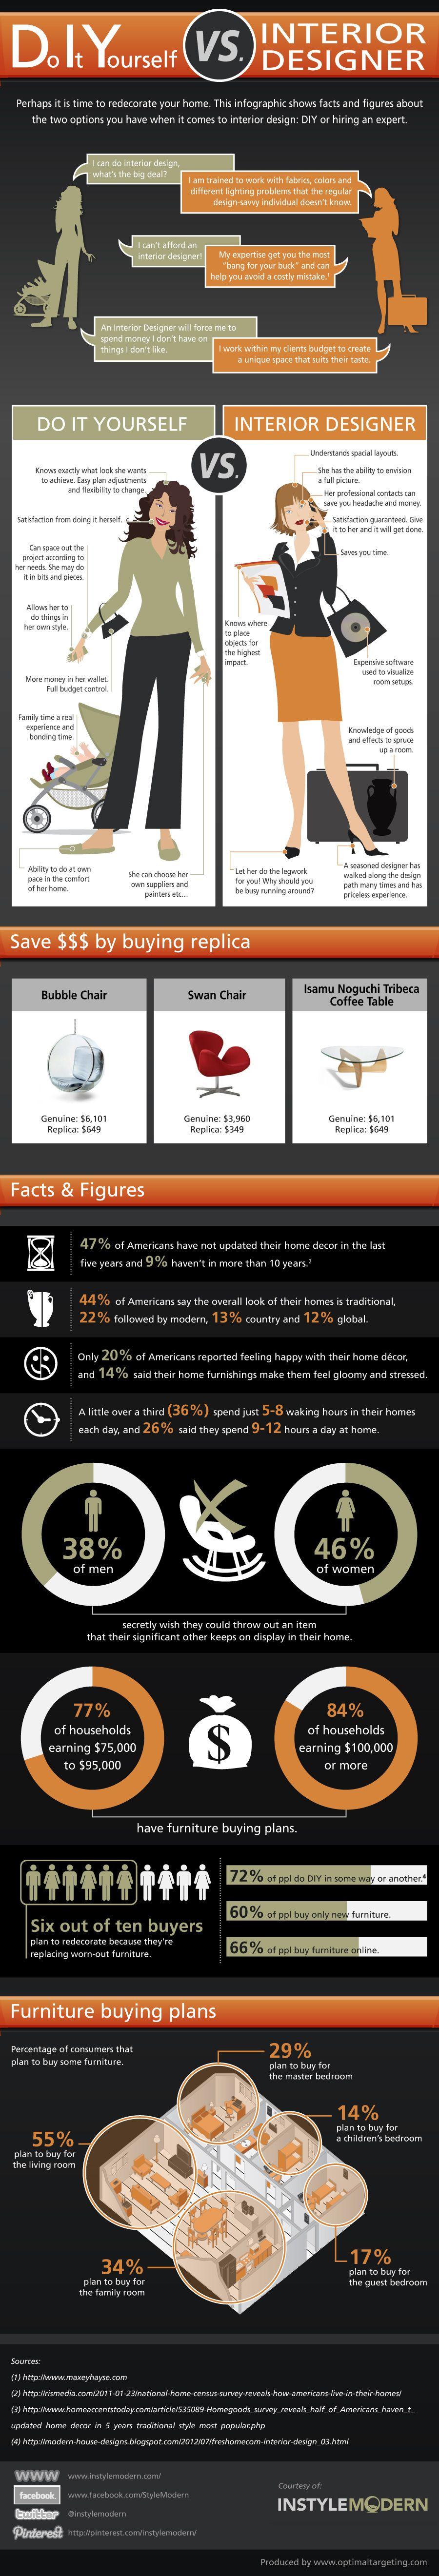 Redecorating - DIY vs. Interior Designers